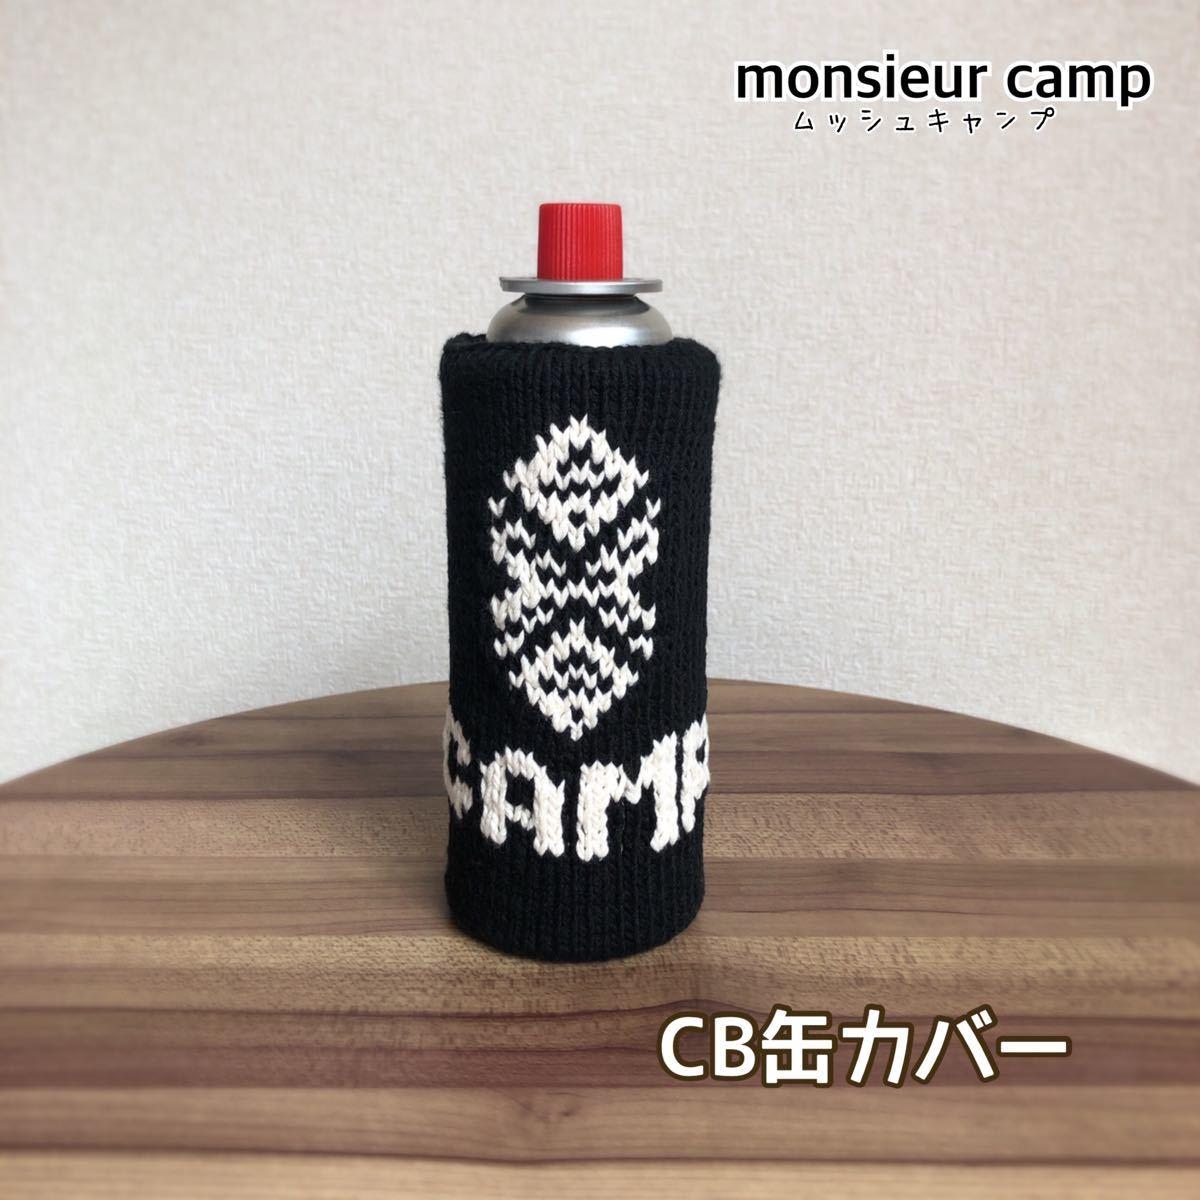 ガス缶 カバー CB缶  黒